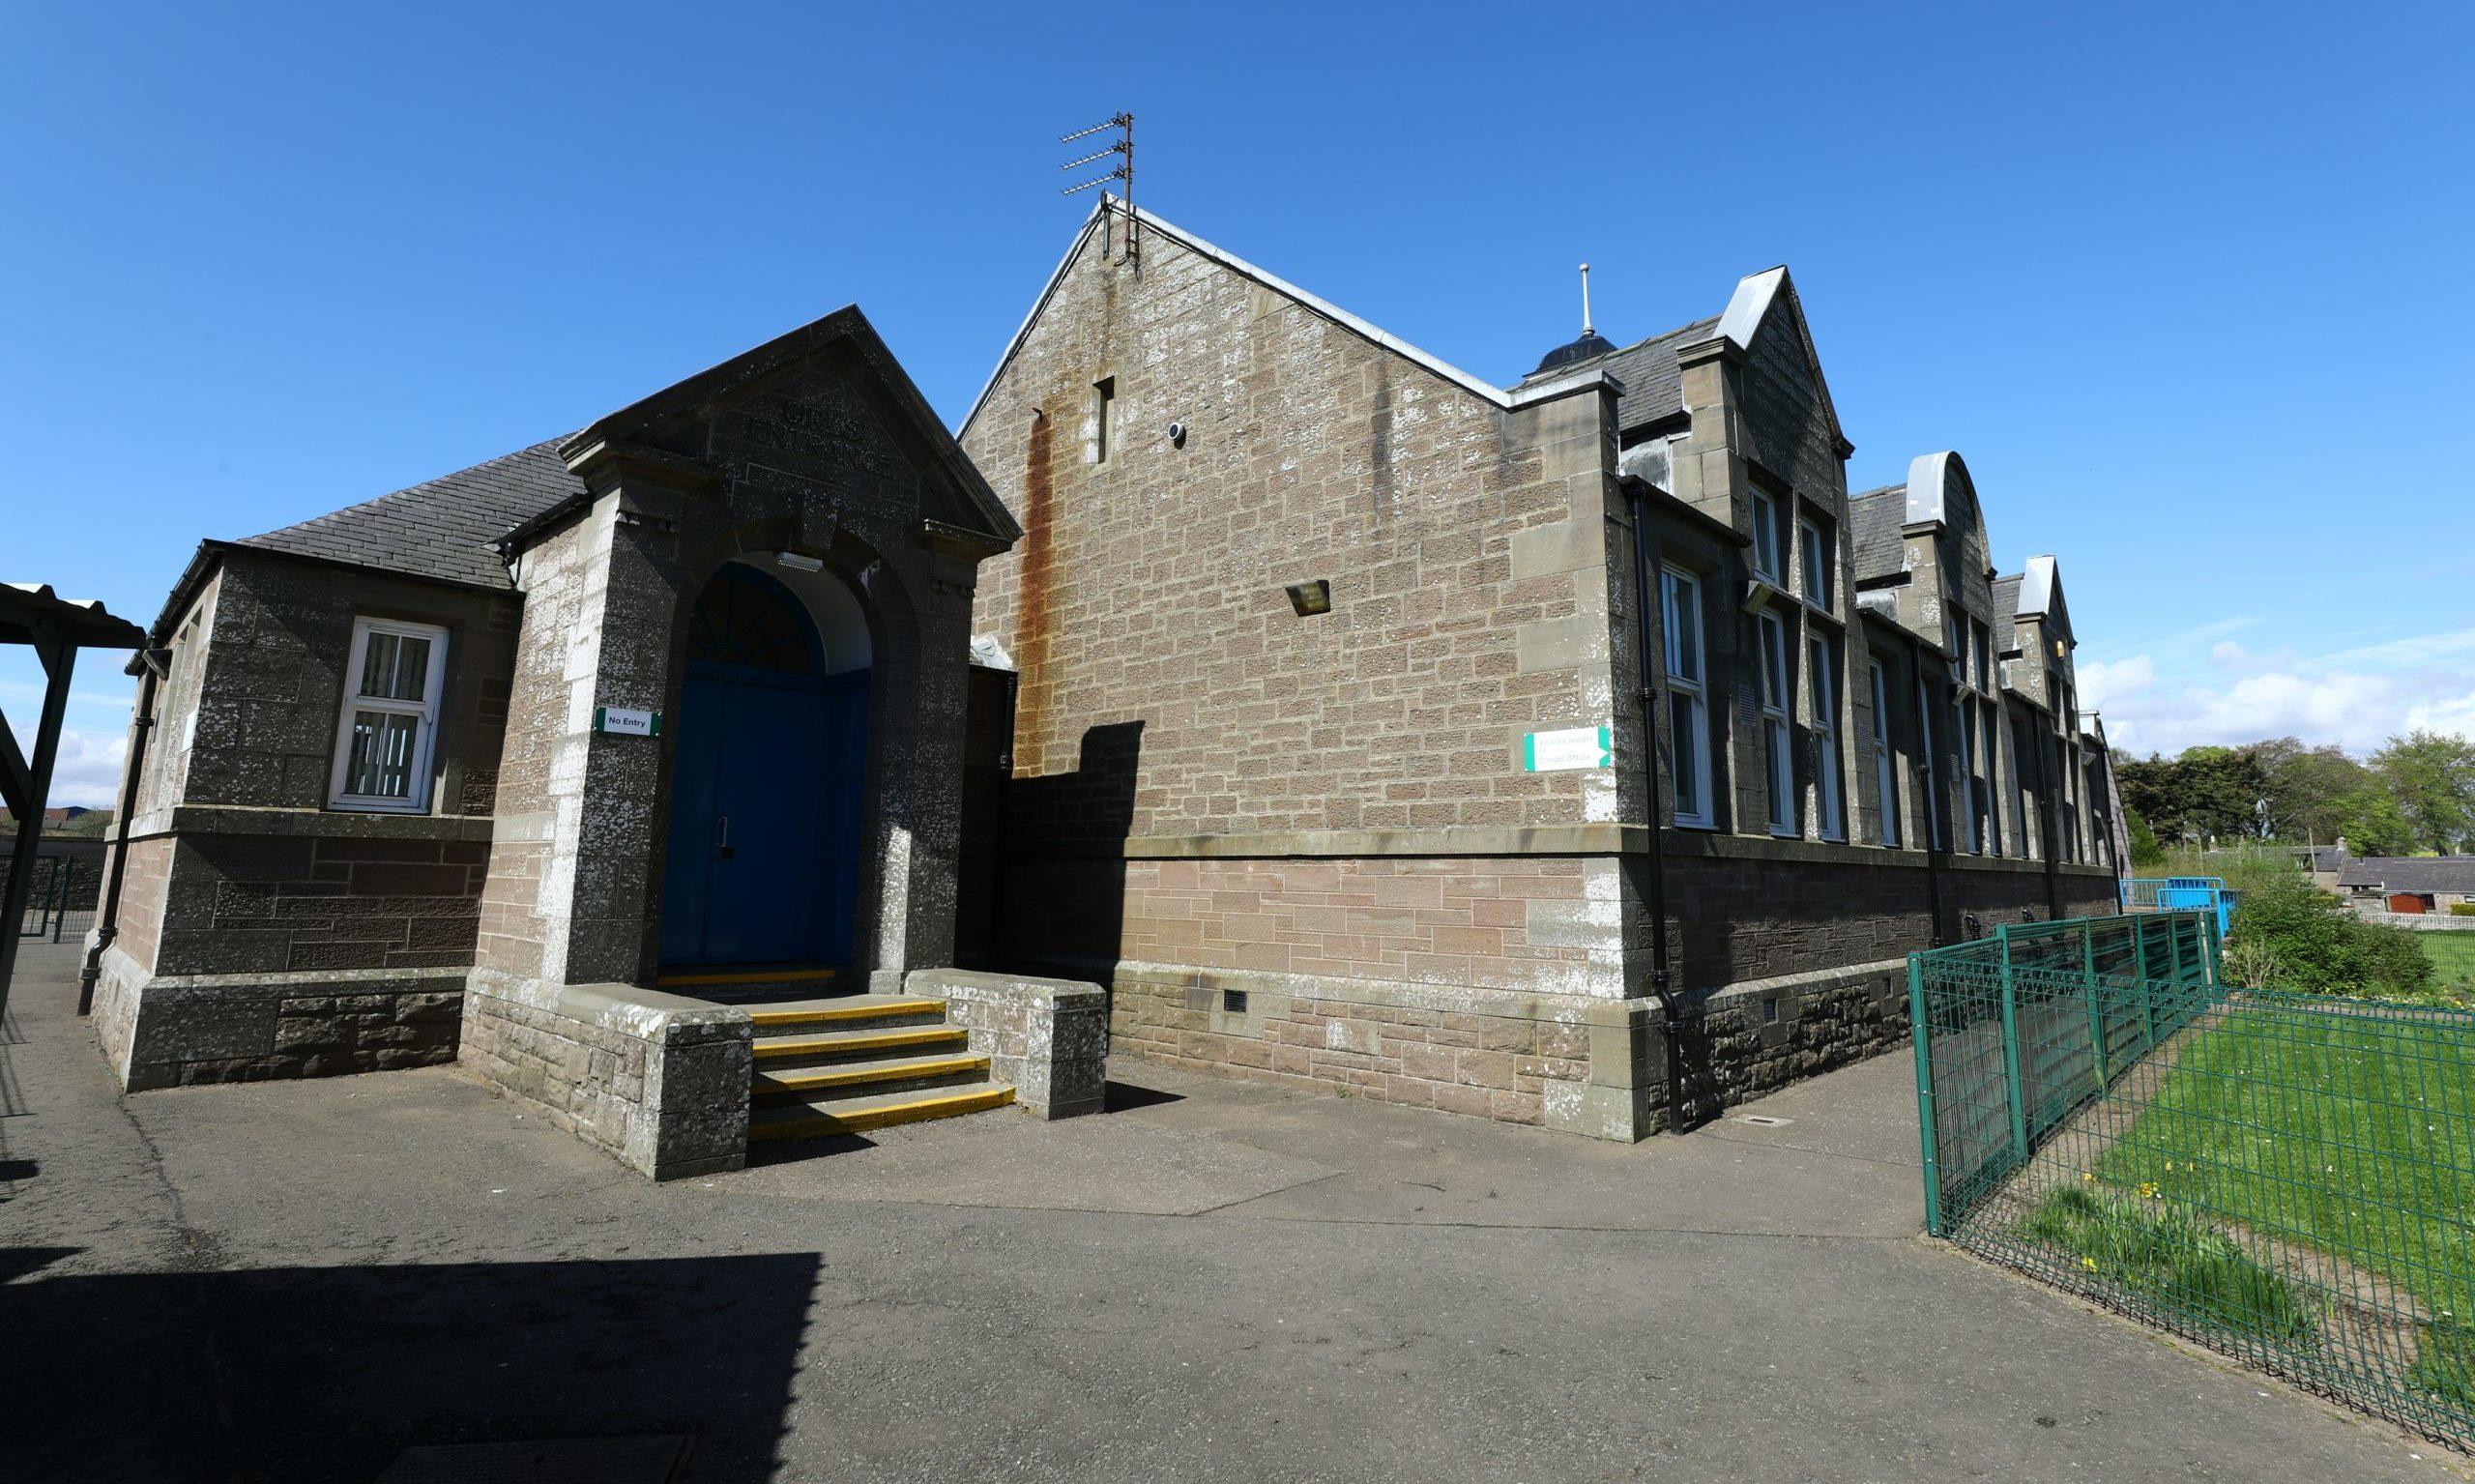 Letham Primary School in Angus. Dougie Nicolson / DCT Media.